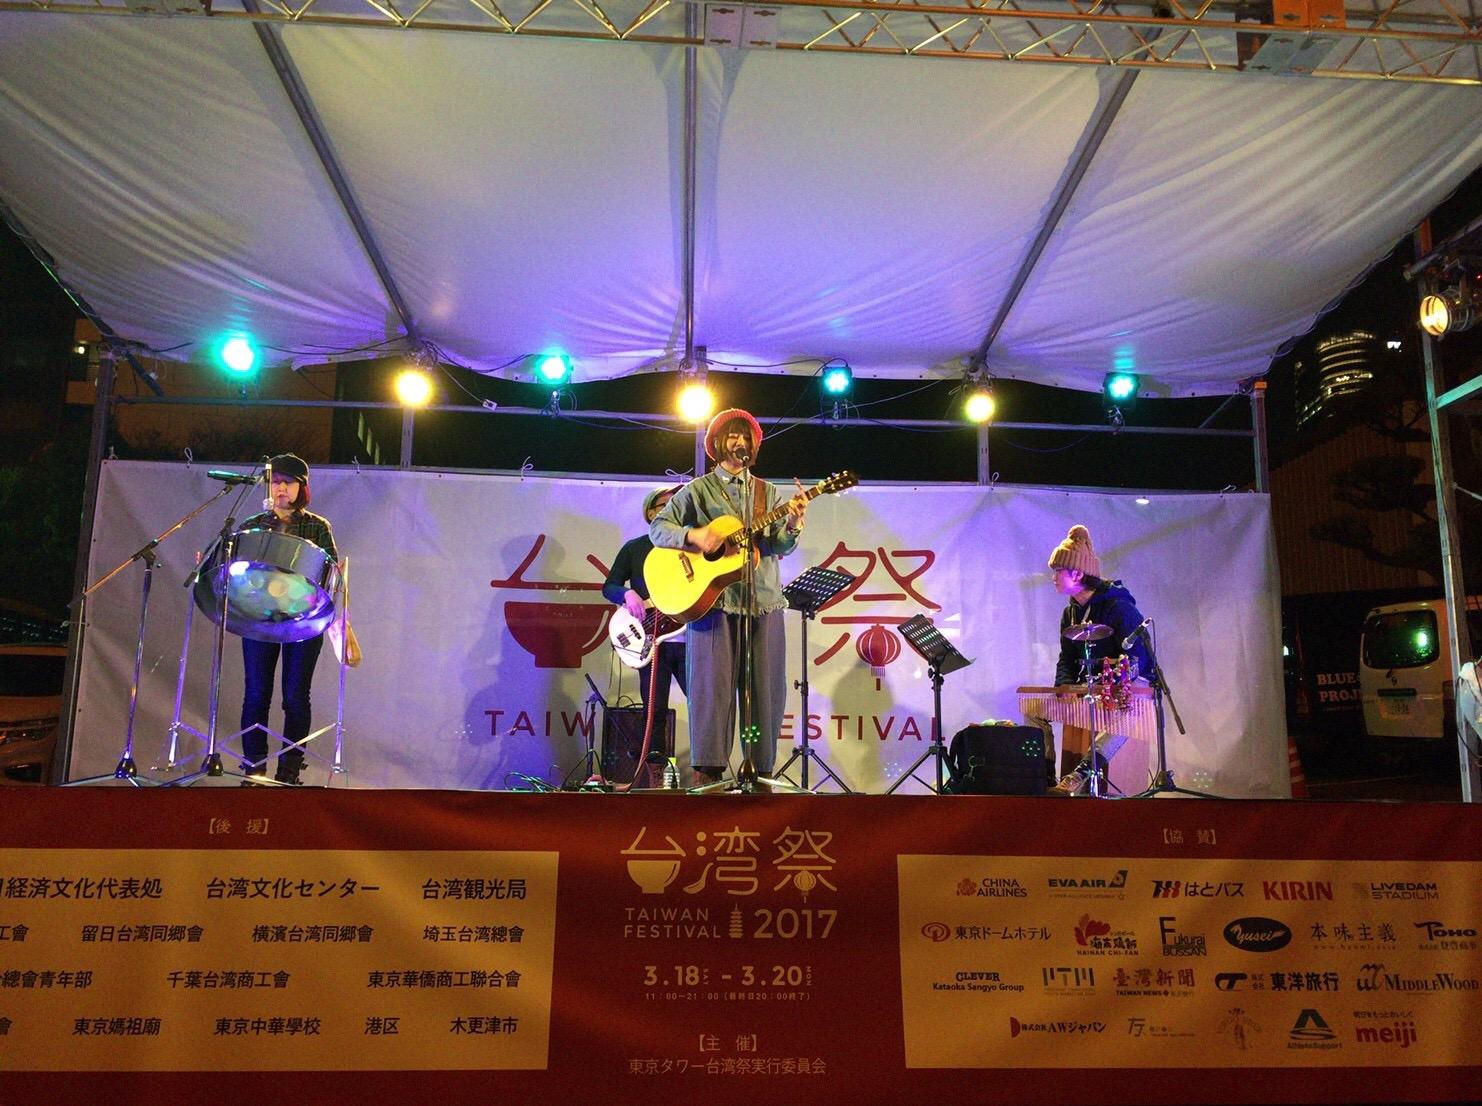 2017 東京鐵塔 台灣祭